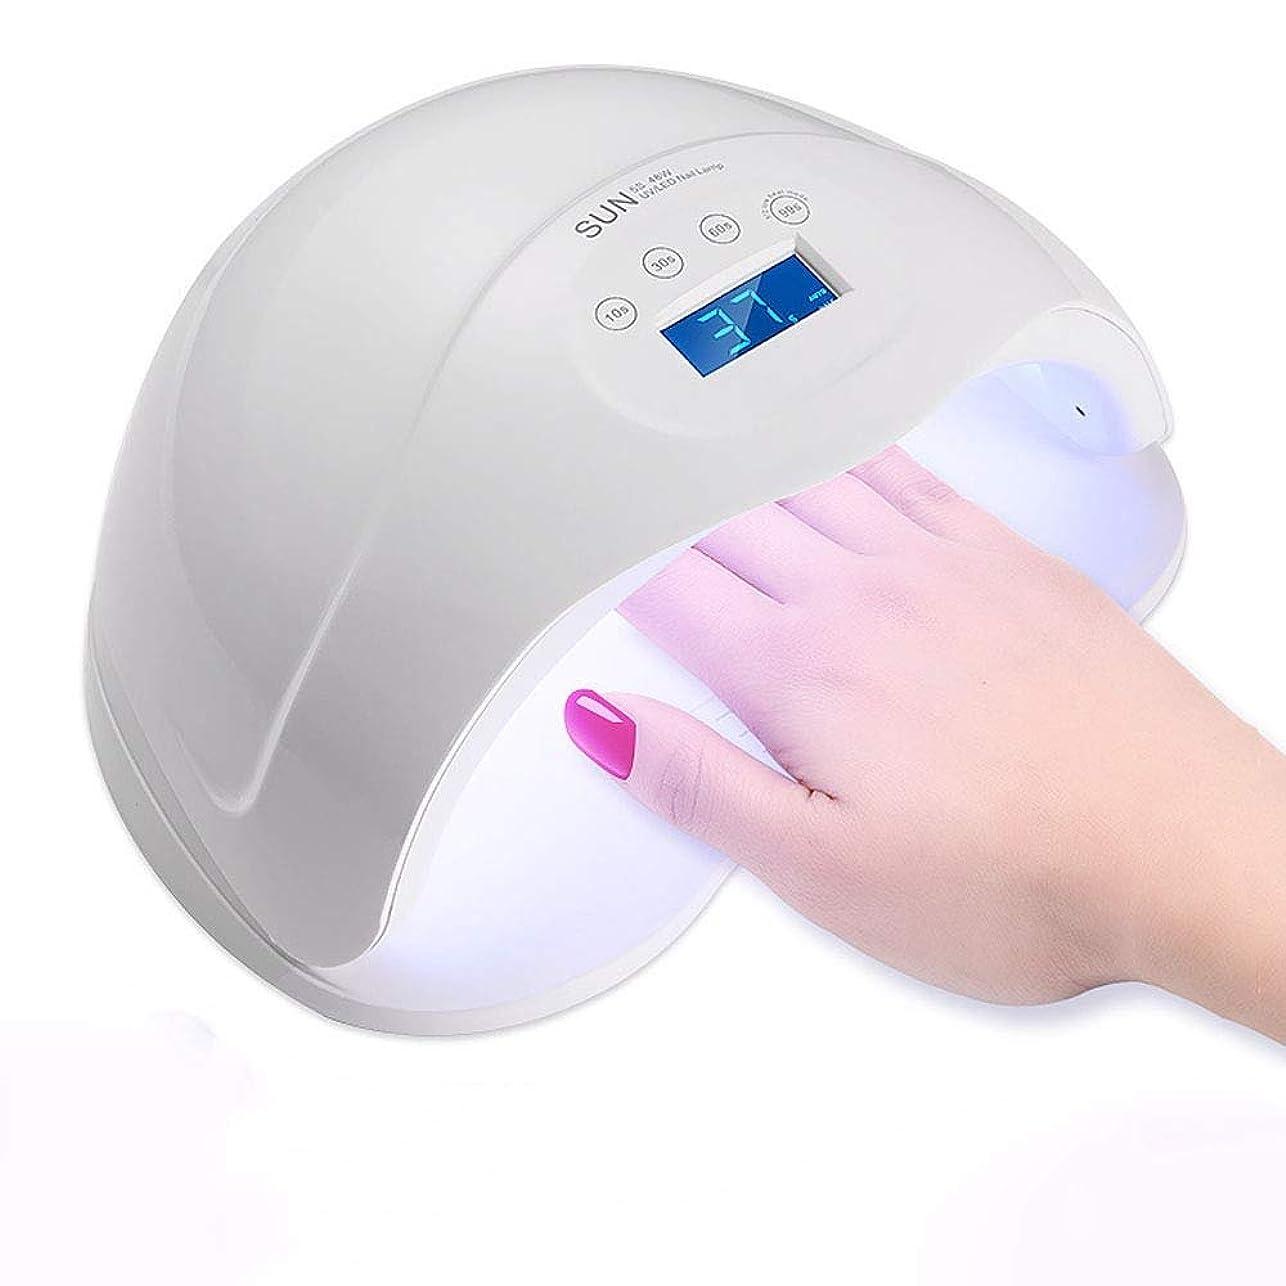 素晴らしい保有者誇張する48W UVネイルランプスマートセンサー速乾性痛みのないモードLEDネイルドライヤー4タイマー設定&24ダブル光源ビーズ